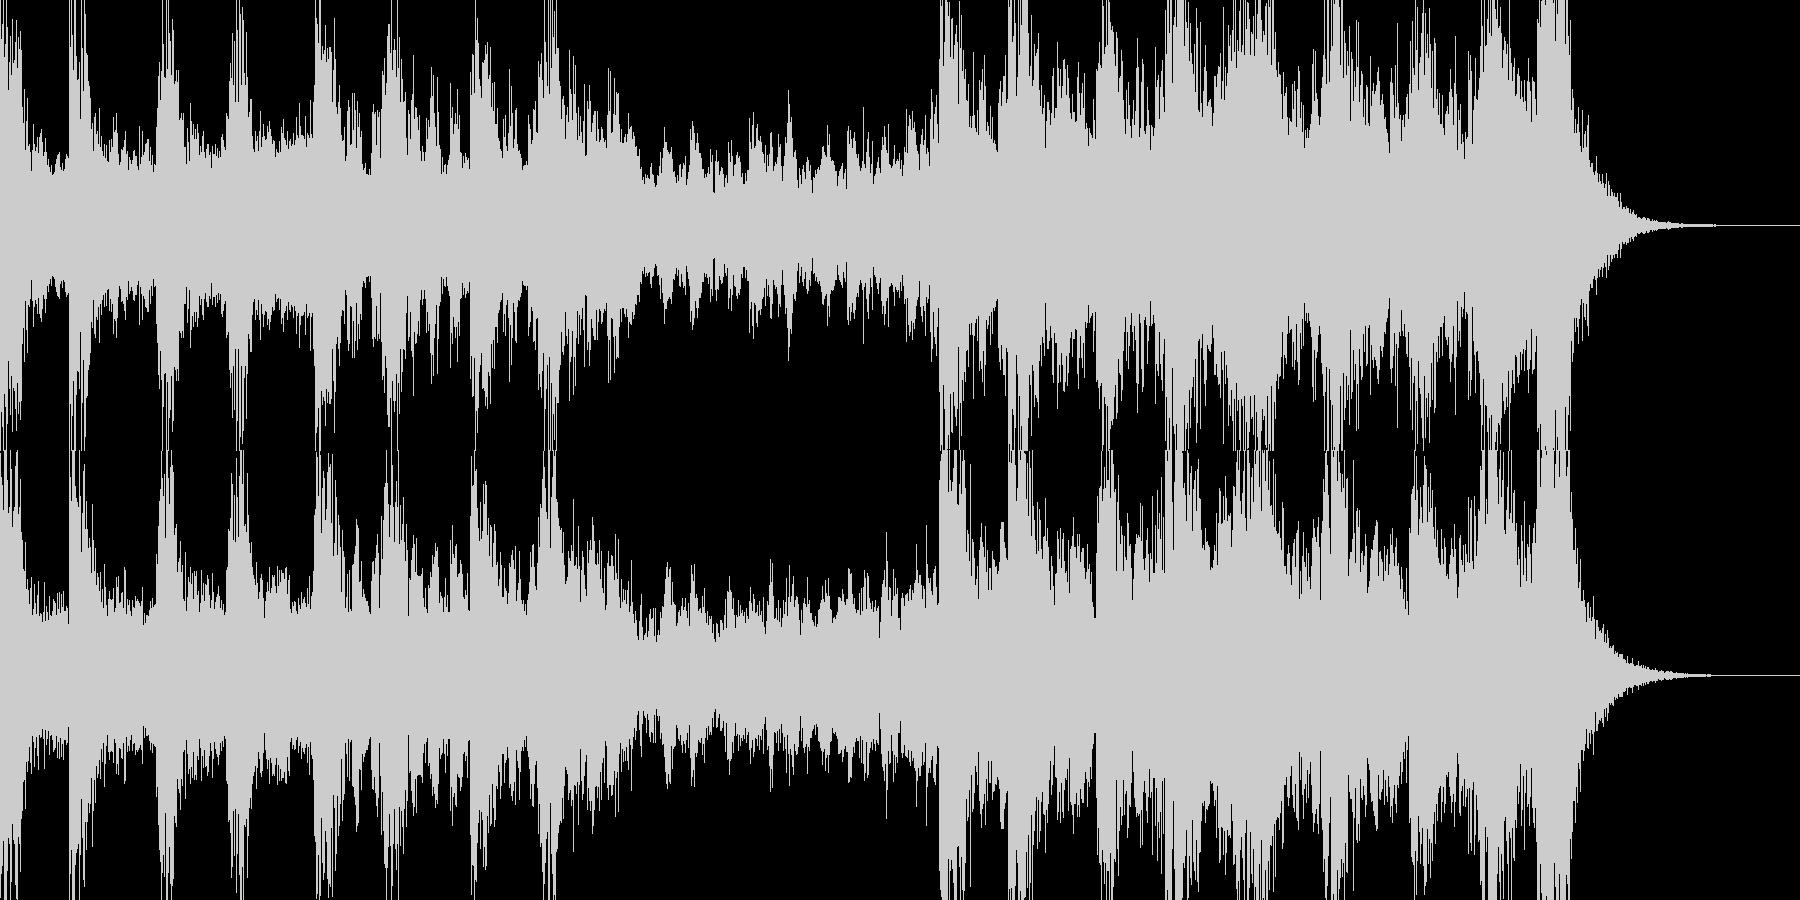 大きなブームの音は、ニュース速報や...の未再生の波形